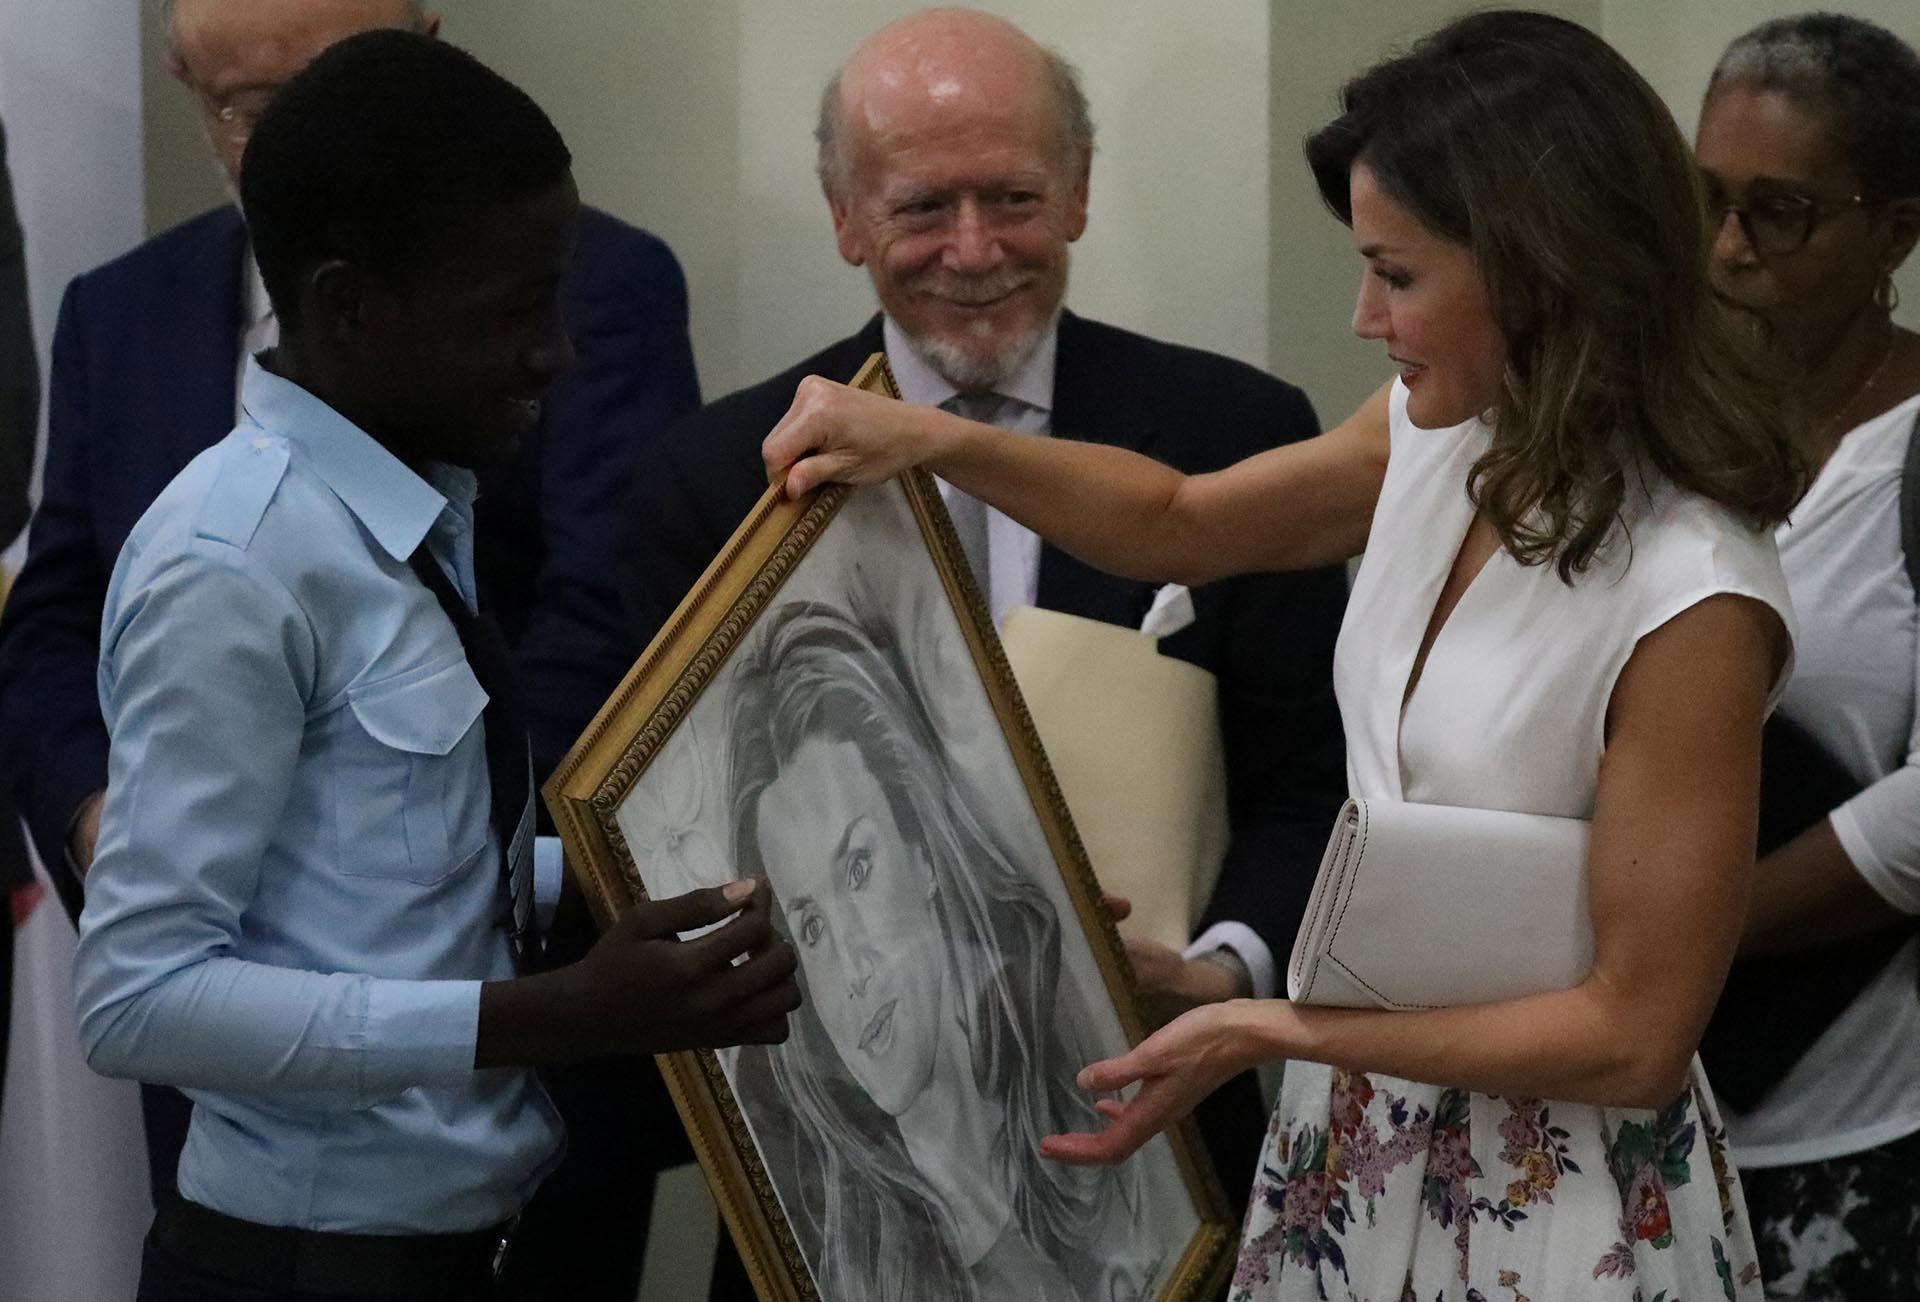 El acto concluyó con la intervención de uno de los estudiantes y la entrega a la reina de un dibujo con su retrato como regalo